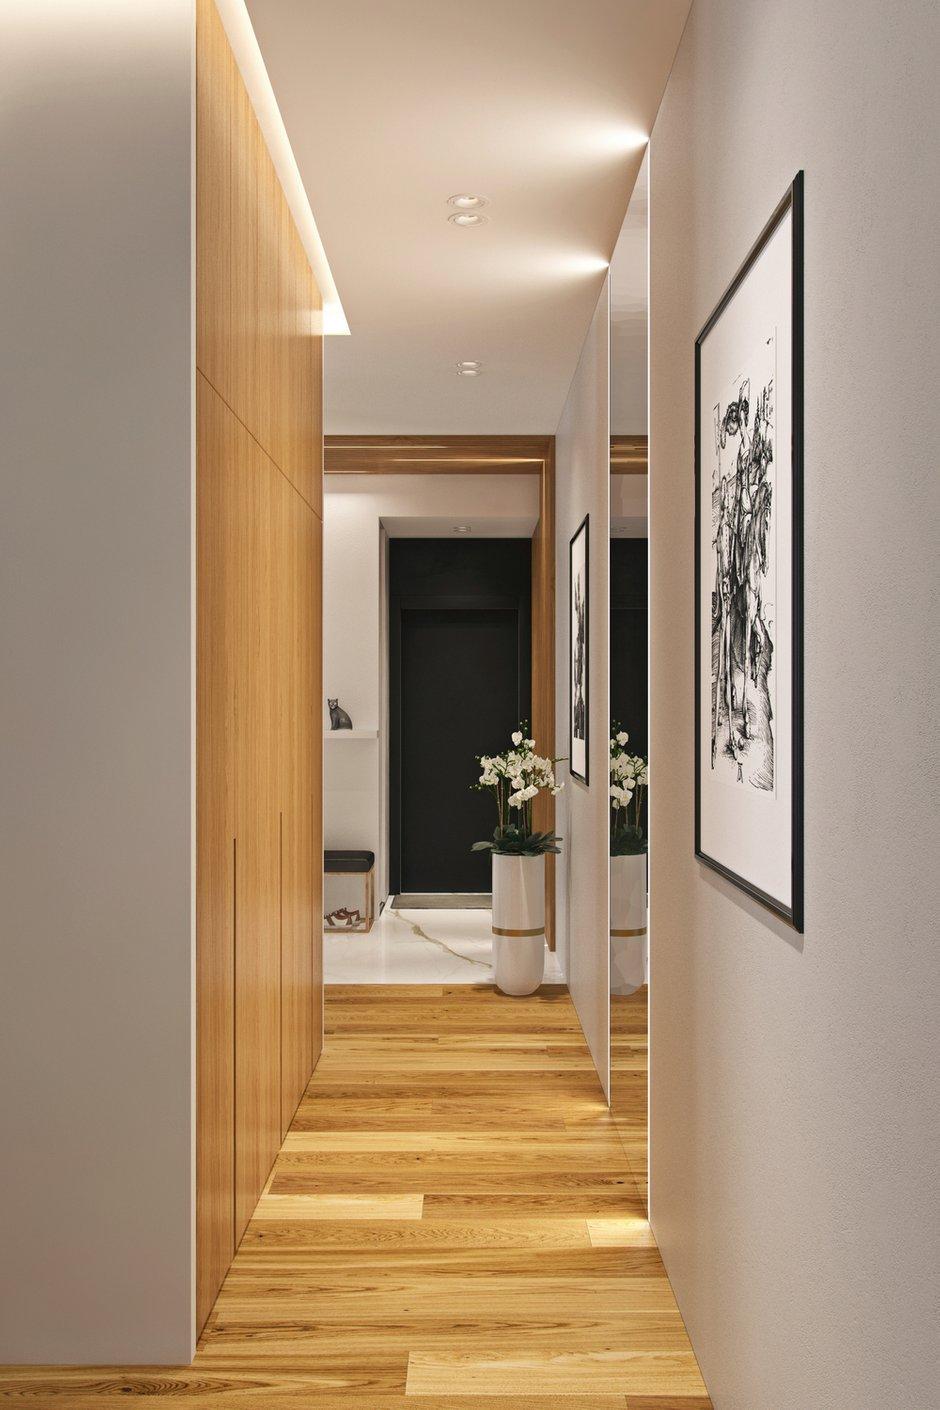 Фотография: Прихожая в стиле Современный, Квартира, Проект недели, Москва, Geometrium, 3 комнаты, Более 90 метров, Монолитно-кирпичный, ЖК «Александр» – фото на INMYROOM